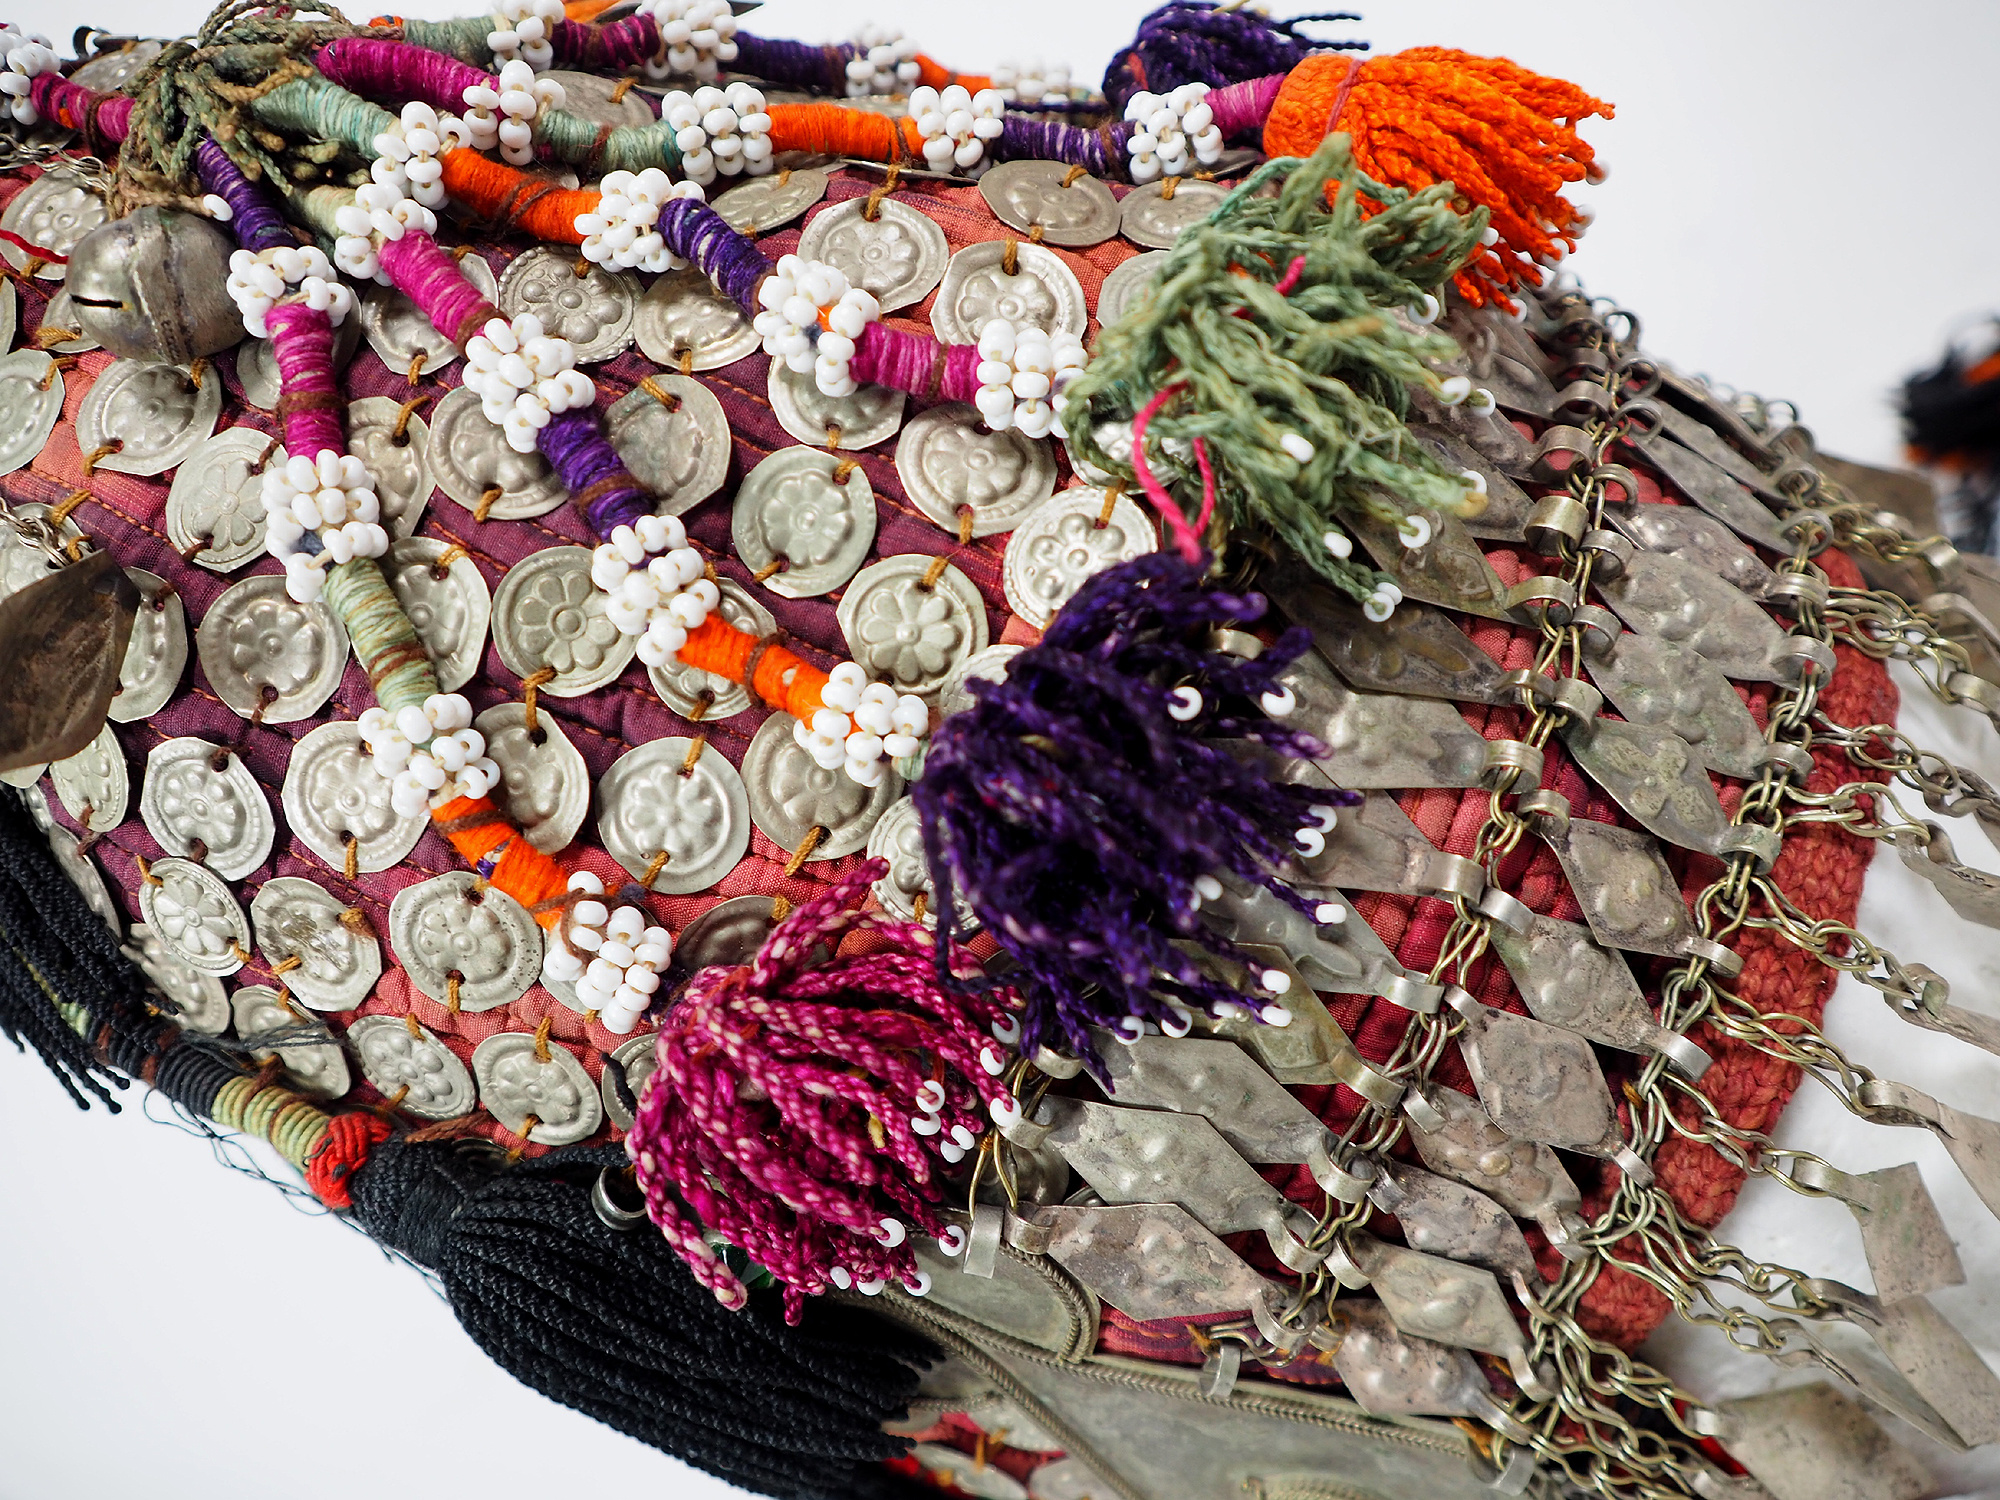 Antike Tekke Turkmen Mütze Schmuck für Mädchen im heiratsfähigen Alter Hut Frauen, s Hochzeit Kopfschmuck Turkmeistan 19. Jh. IT/C